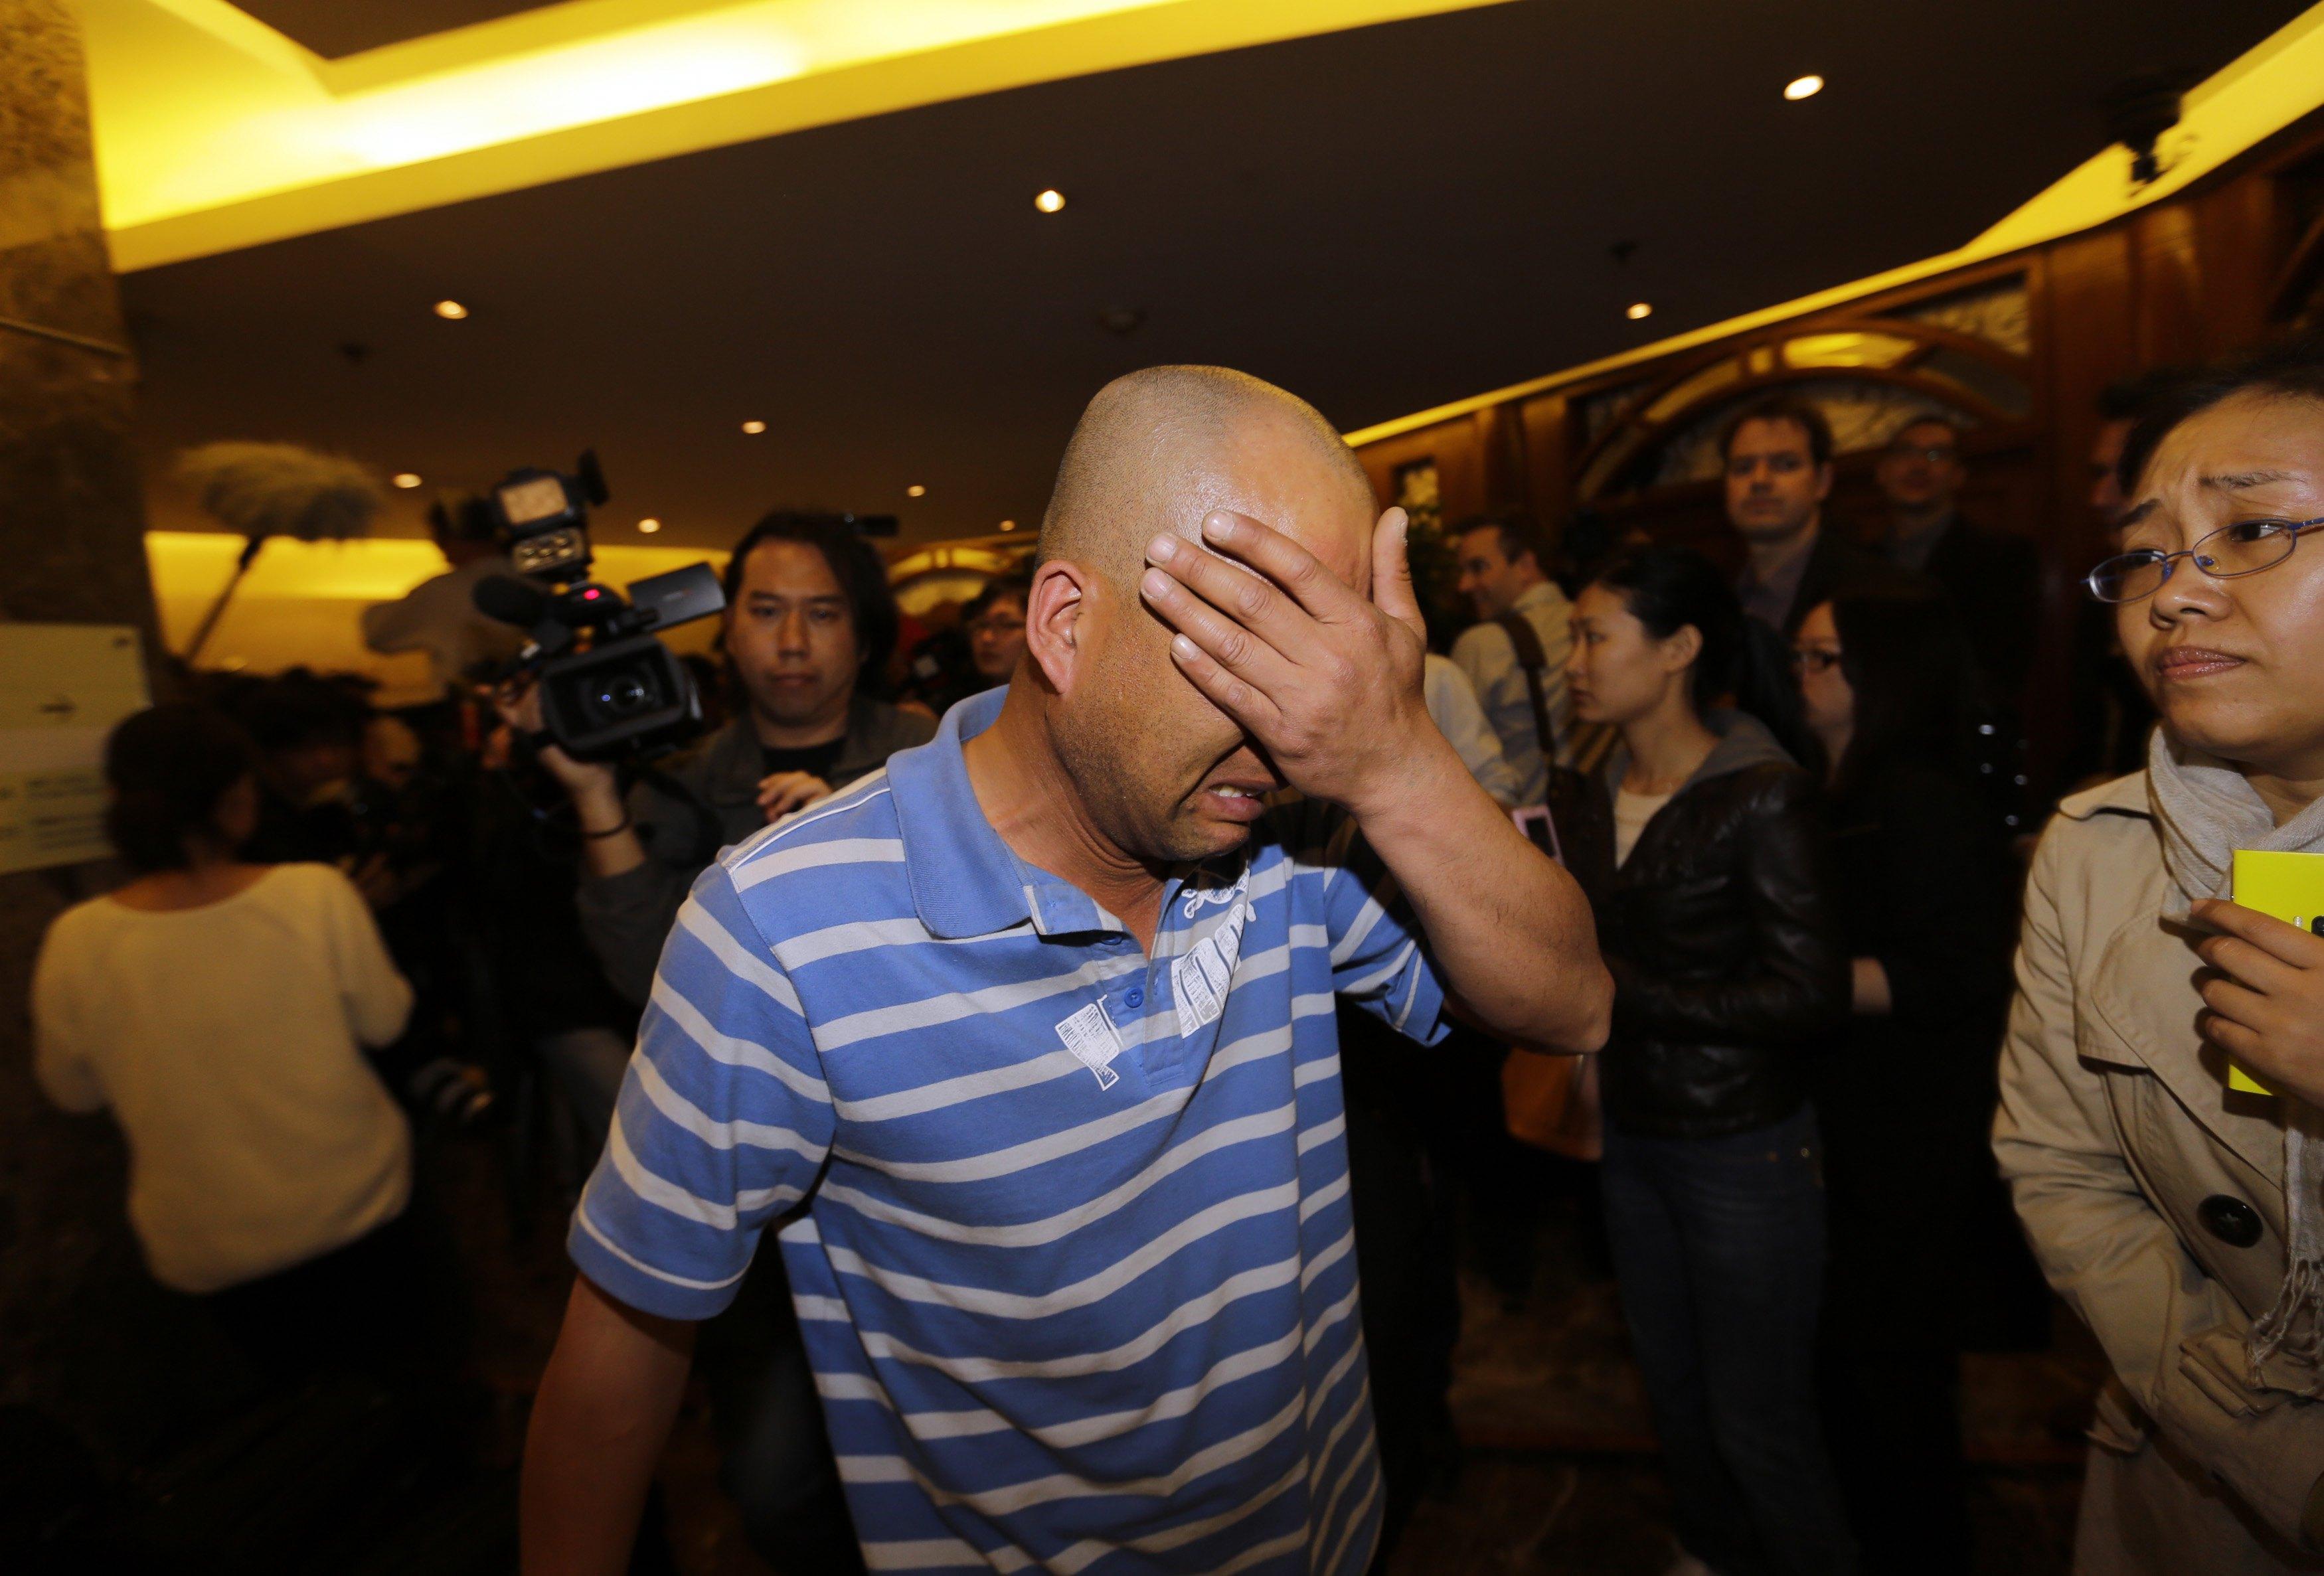 Parente de passageiro que estava a bordo do vôo chora  após ouvir a declaração do primeiro-ministro da Malásia  | Jason Lee/ Reuters